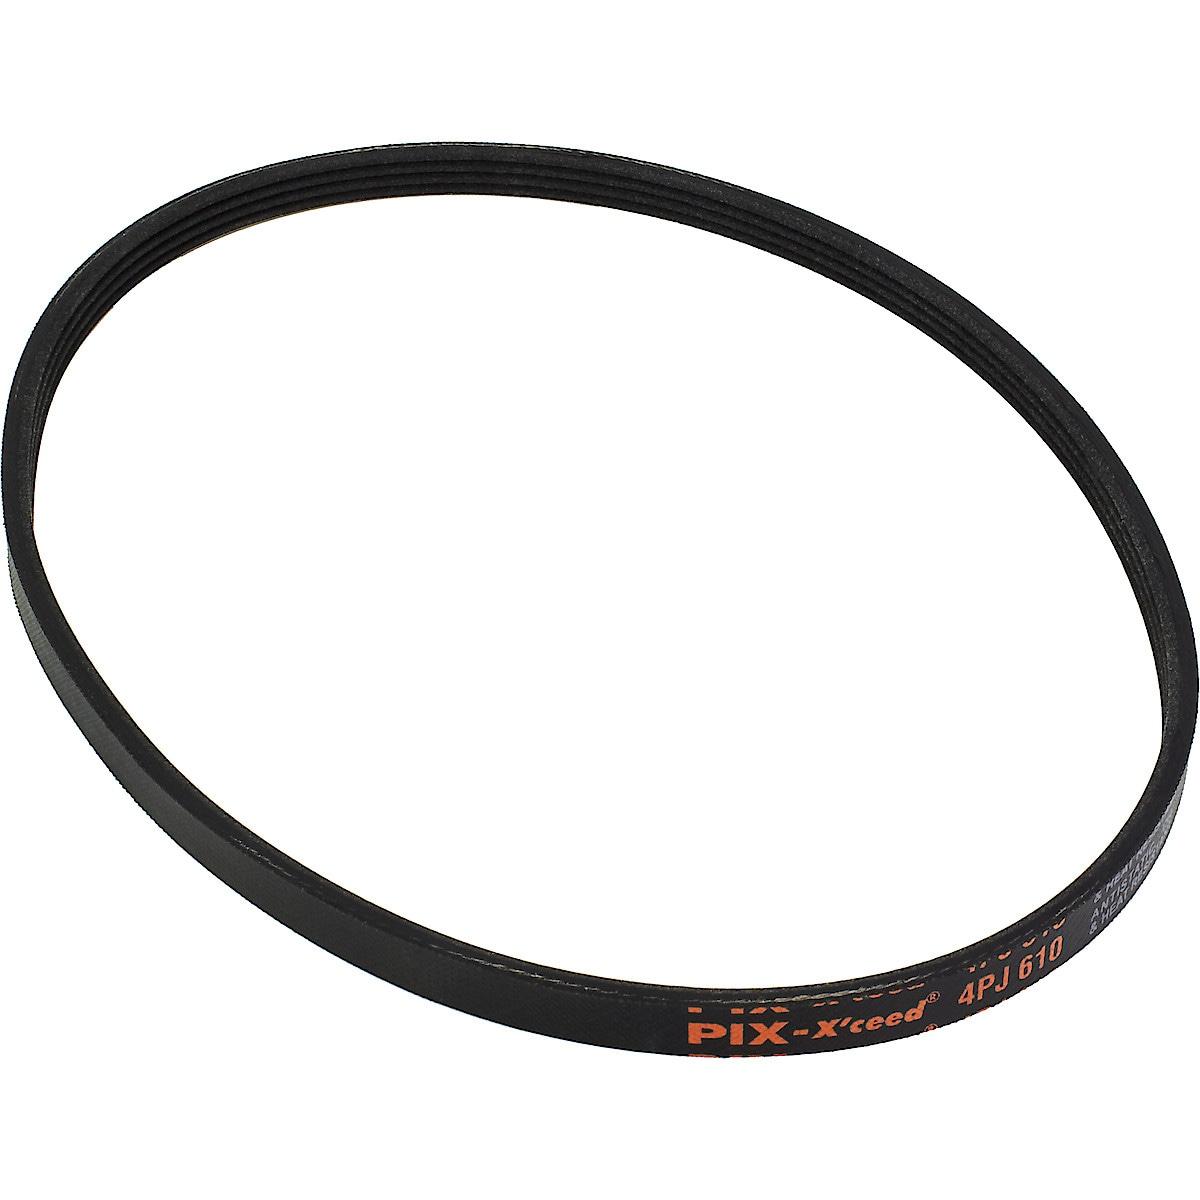 Drive belt PJ610/240J EL